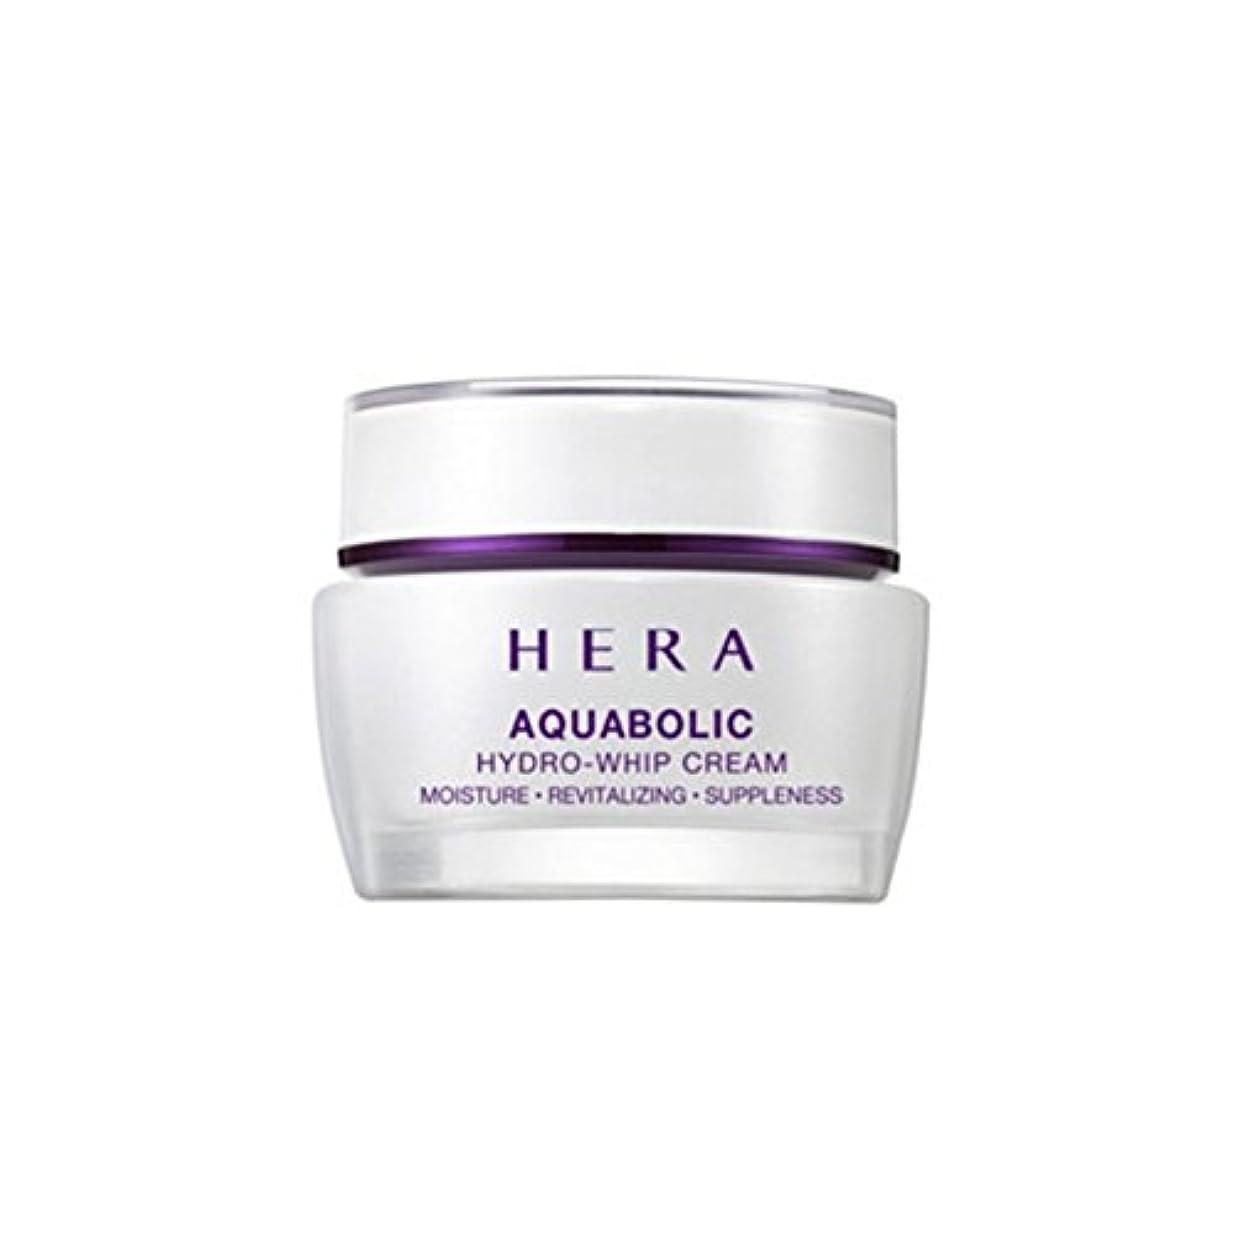 マインドフル共産主義者本物(ヘラ) HERA Aquabolic Hydro-Whip Cream アクアボリックハイドロホイップ クリーム (韓国直発送) oopspanda